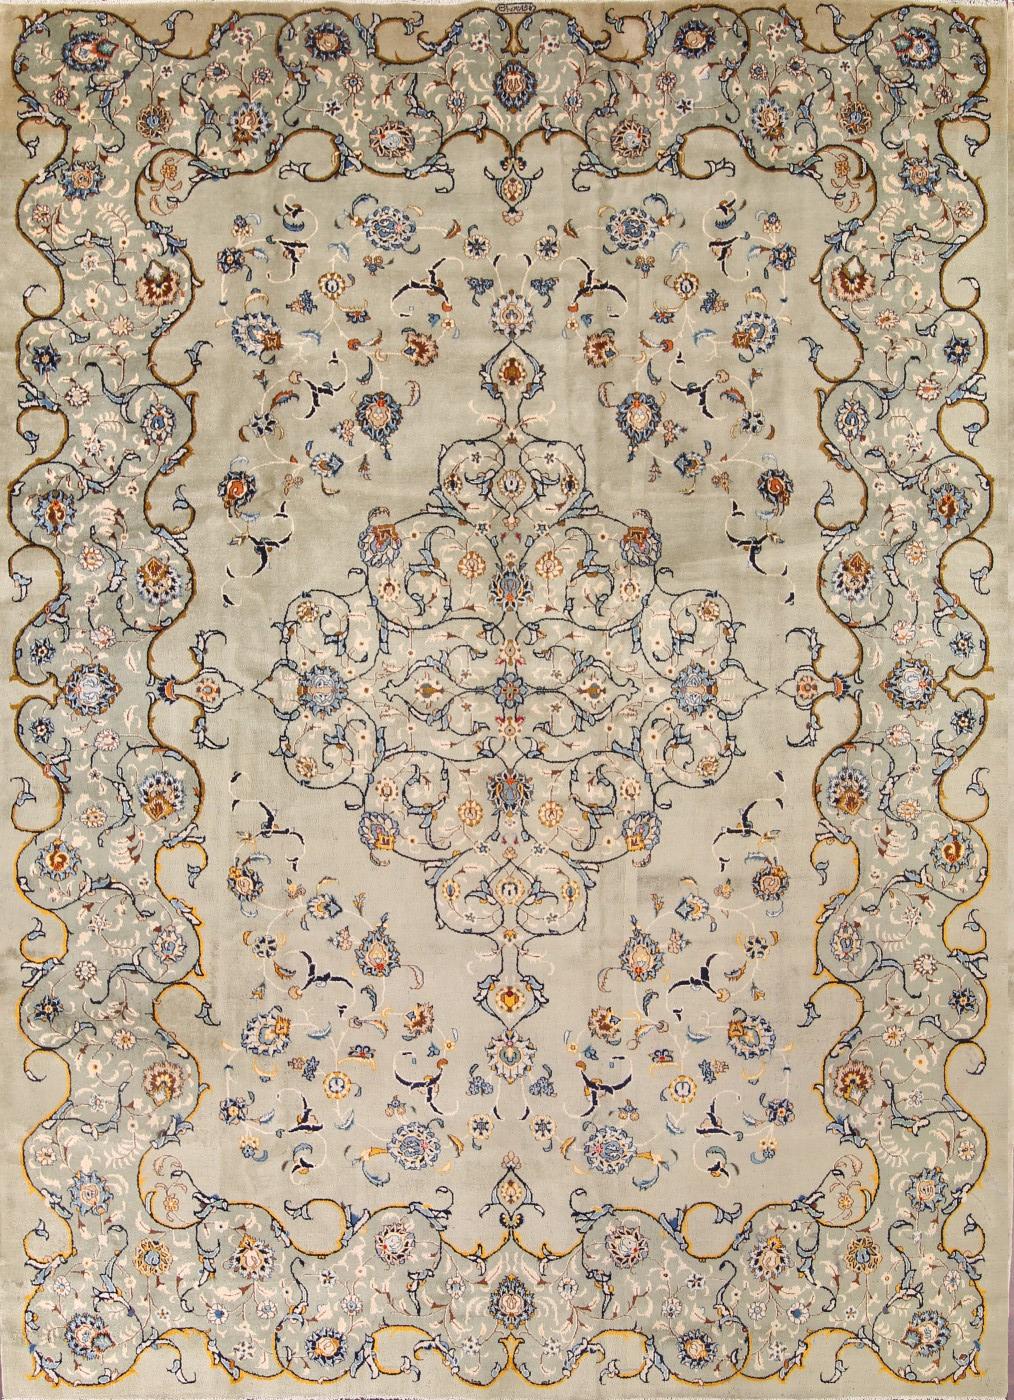 floral sage green 10x14 signed kashan persian oriental area rug 14 39 2 x 10 39 4 ebay. Black Bedroom Furniture Sets. Home Design Ideas